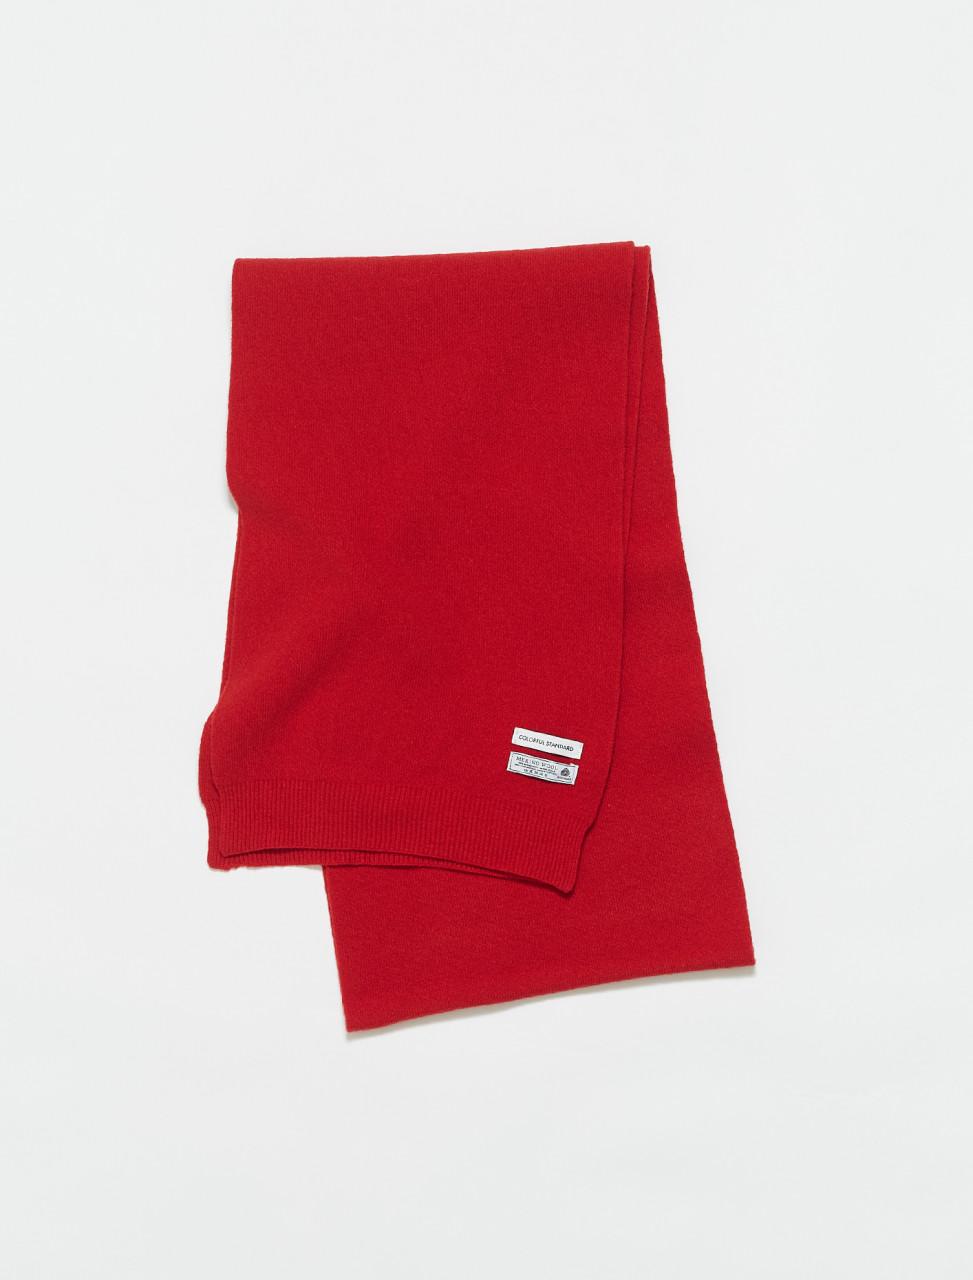 307-CS5082SR COLORFUL STANDARD MERINO WOOL SCARF SCARLET RED